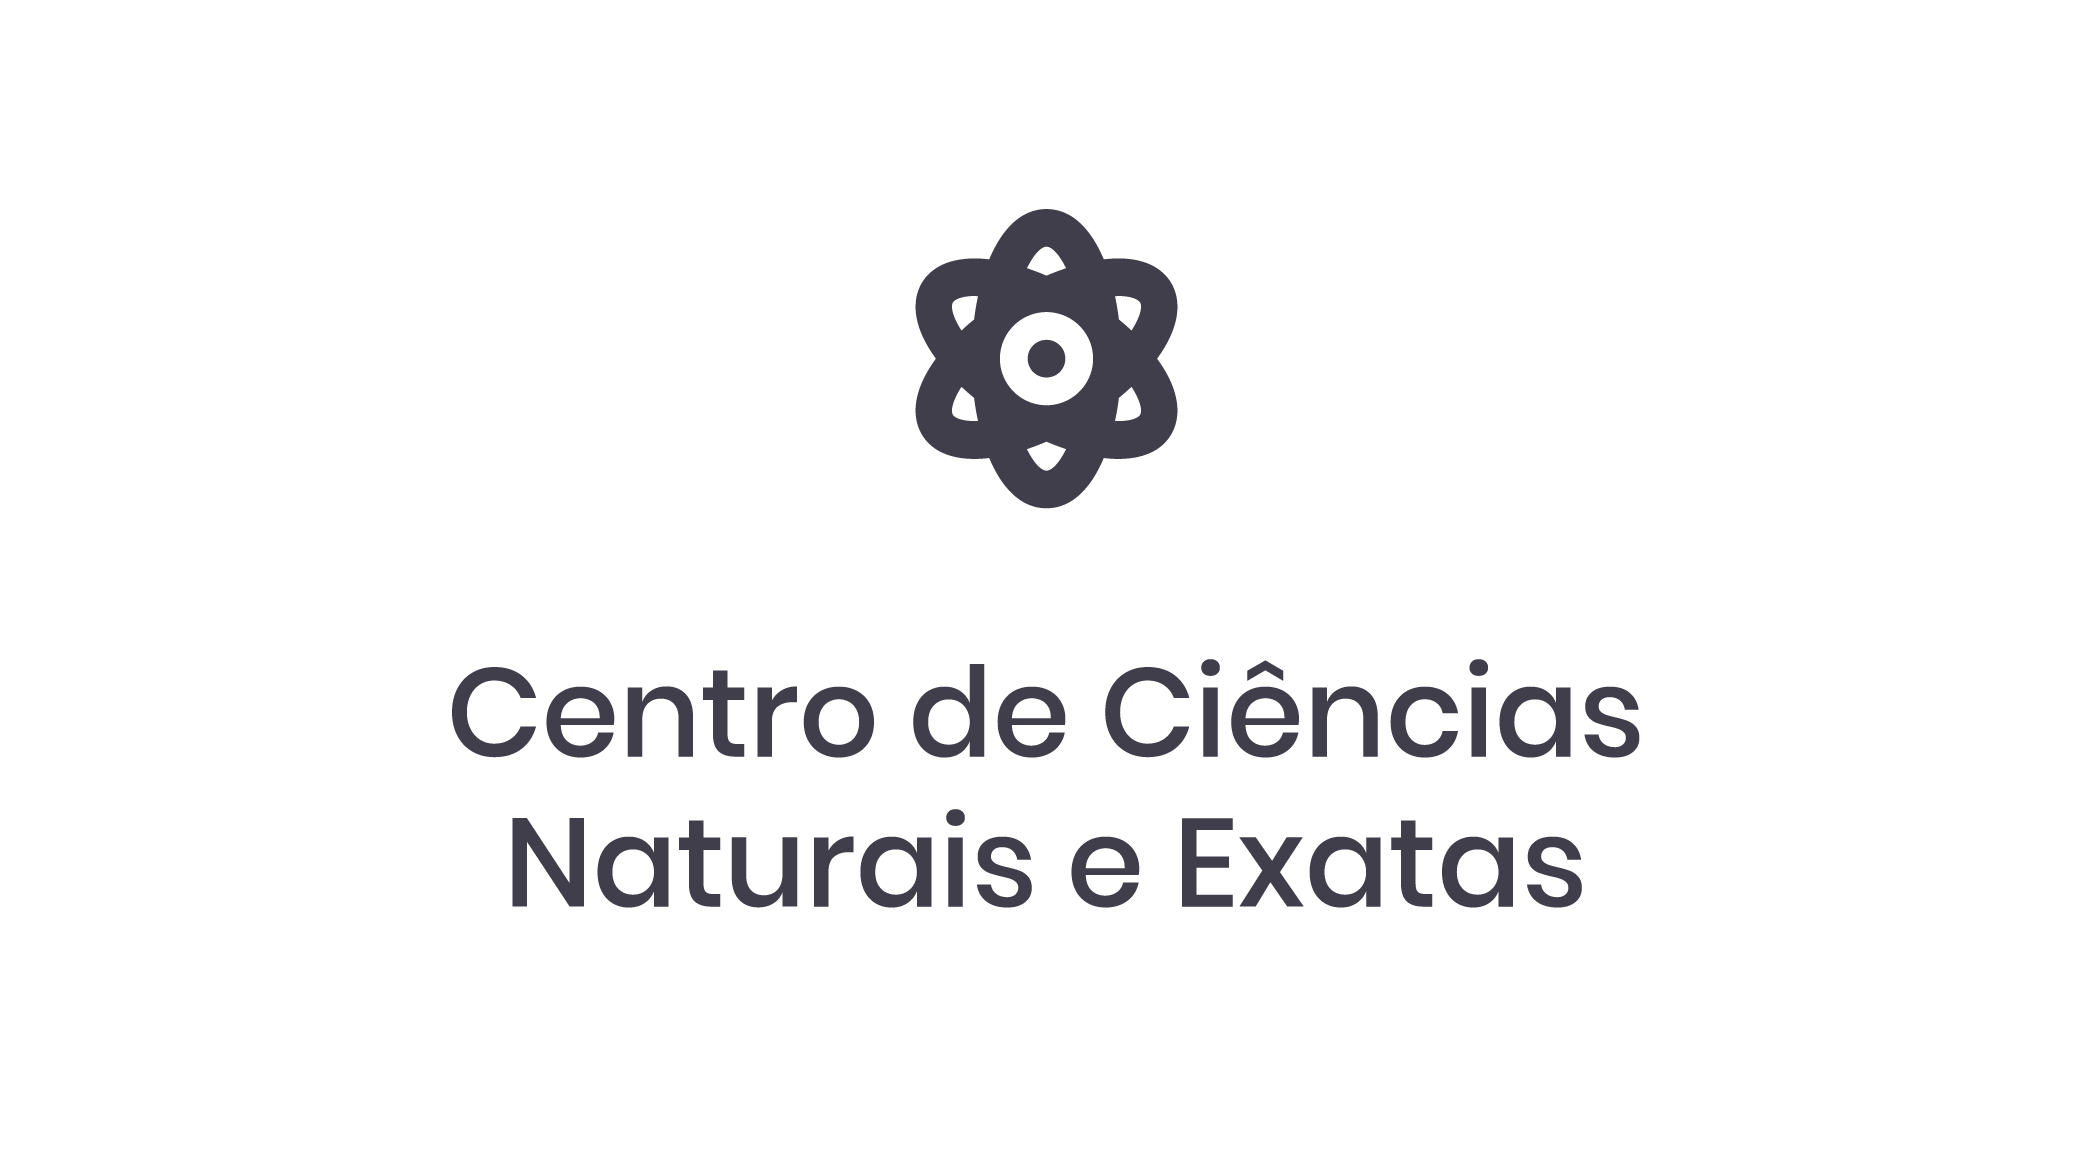 Centro de Ciências Naturais e Exatas